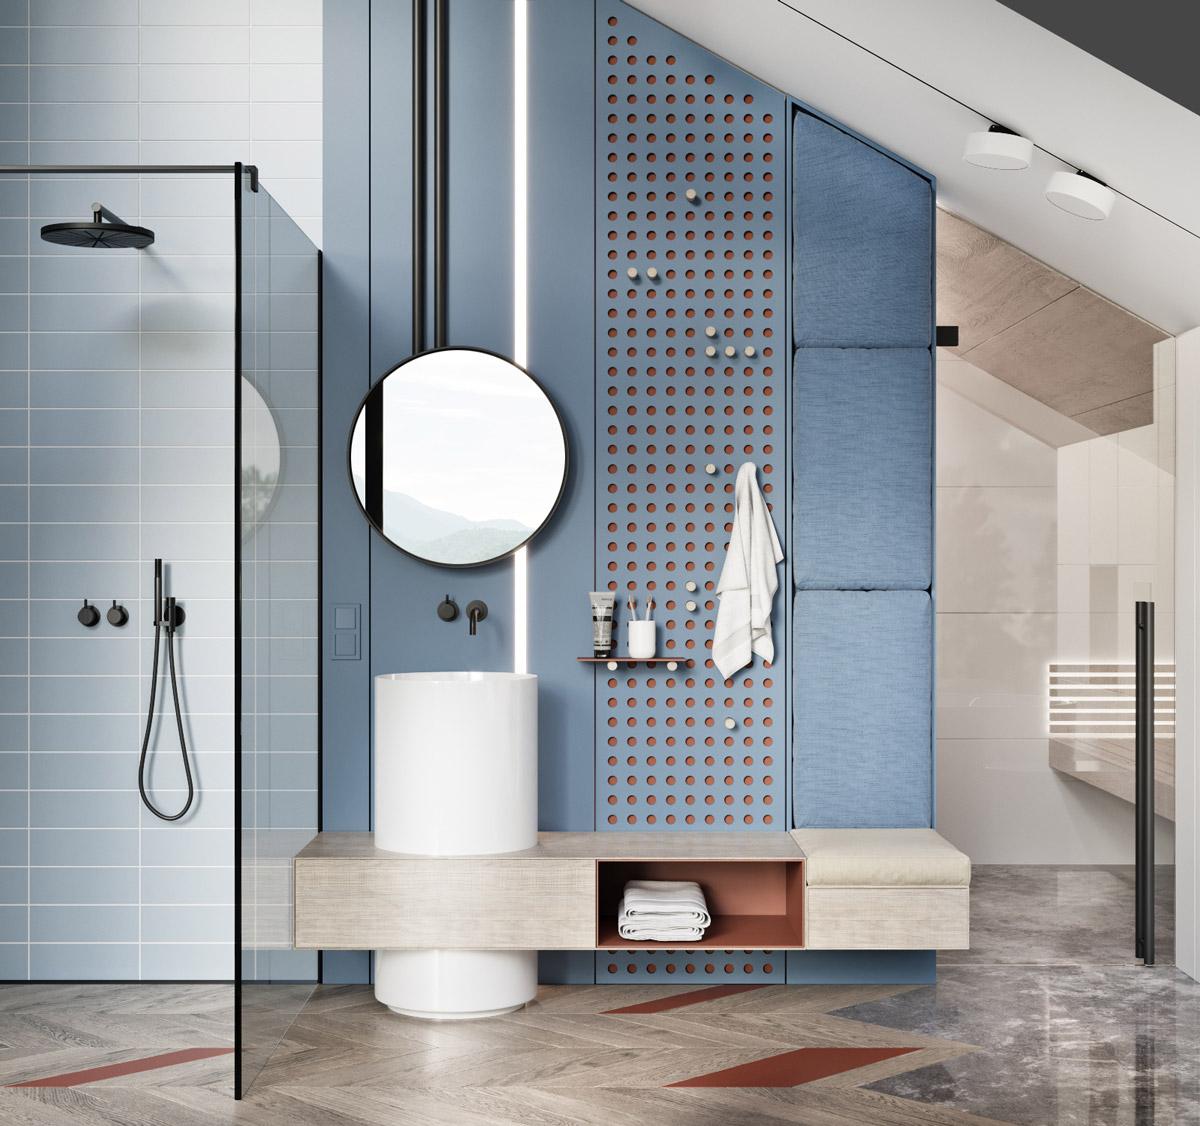 Những lưu ý khi thiết kế nội thất phòng tắm biệt thự xu hướng hiện đại 02